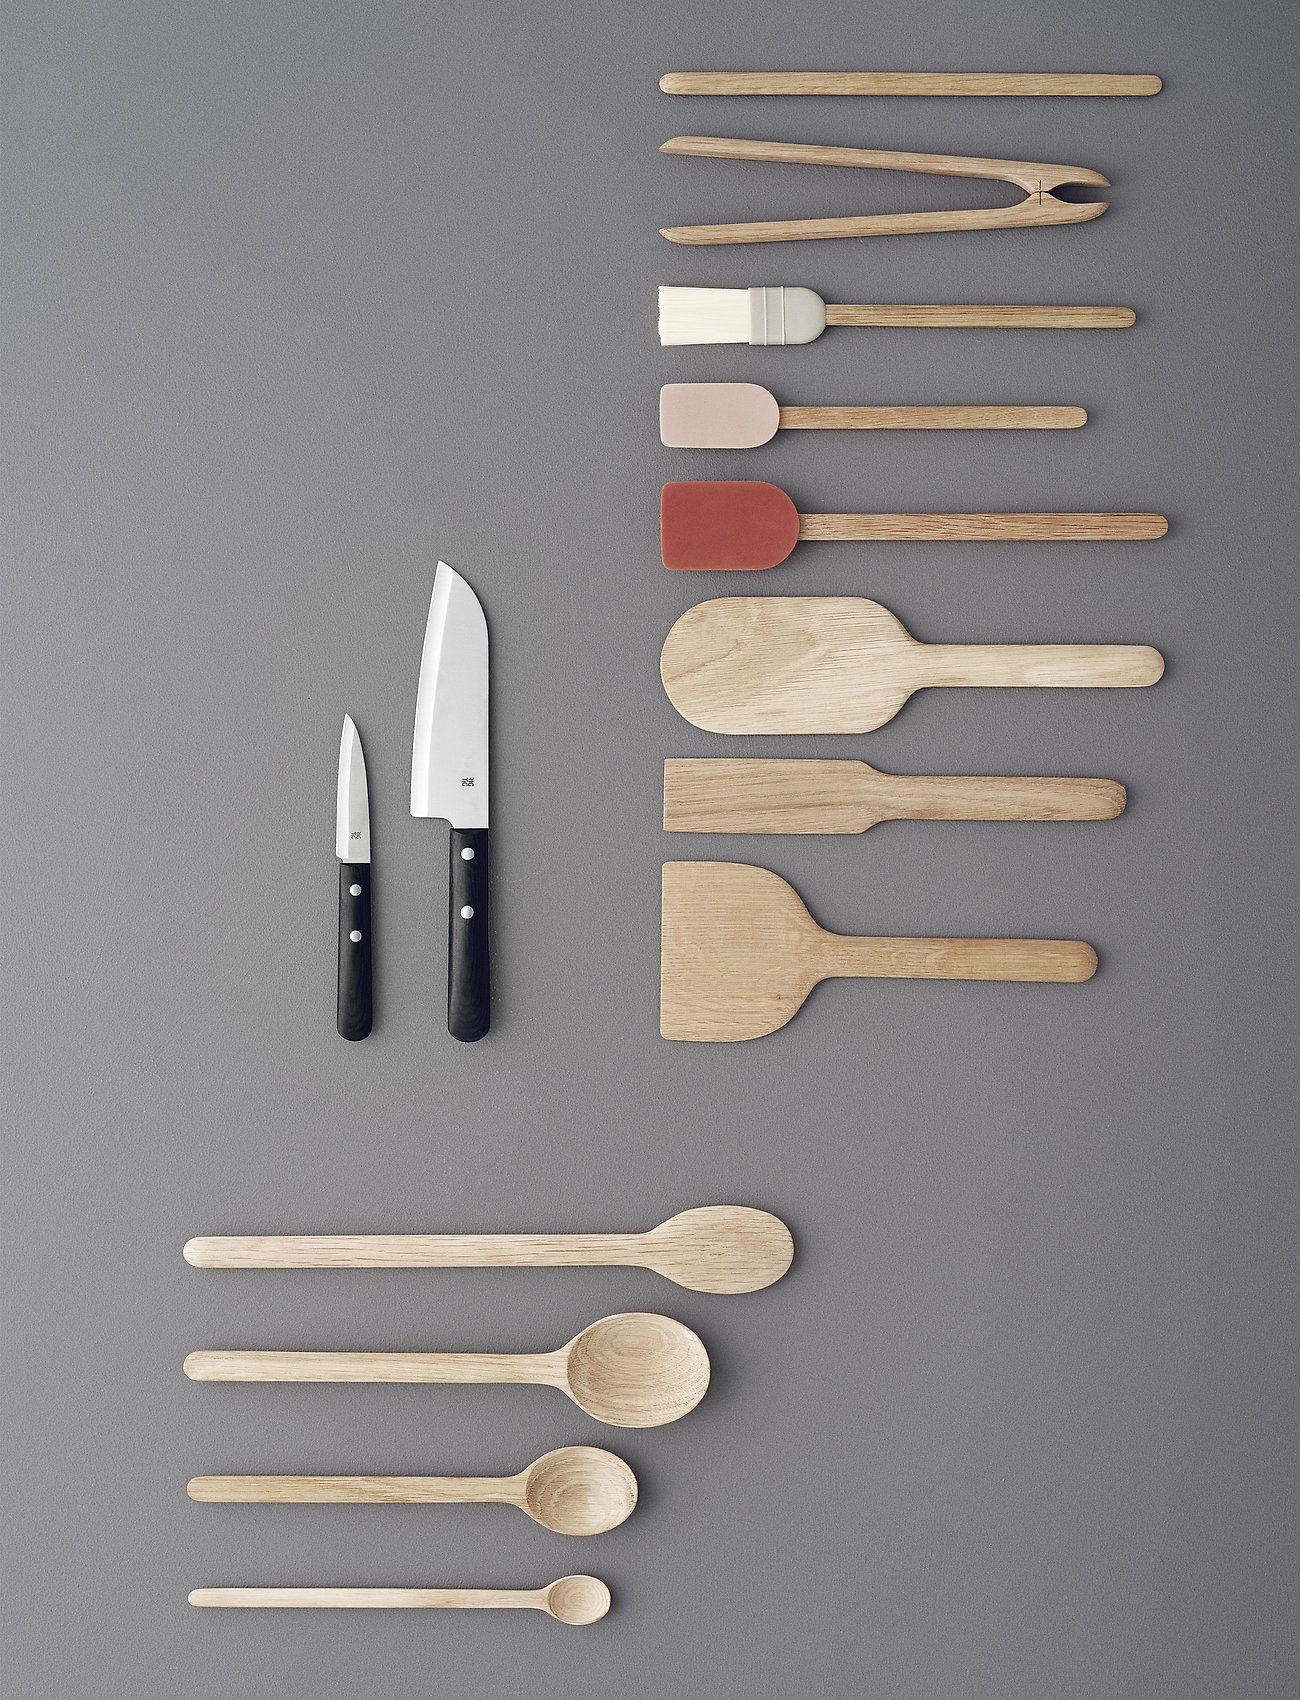 RIG-TIG - EASY plaice turner - lusikat & kauhat - wood - 0